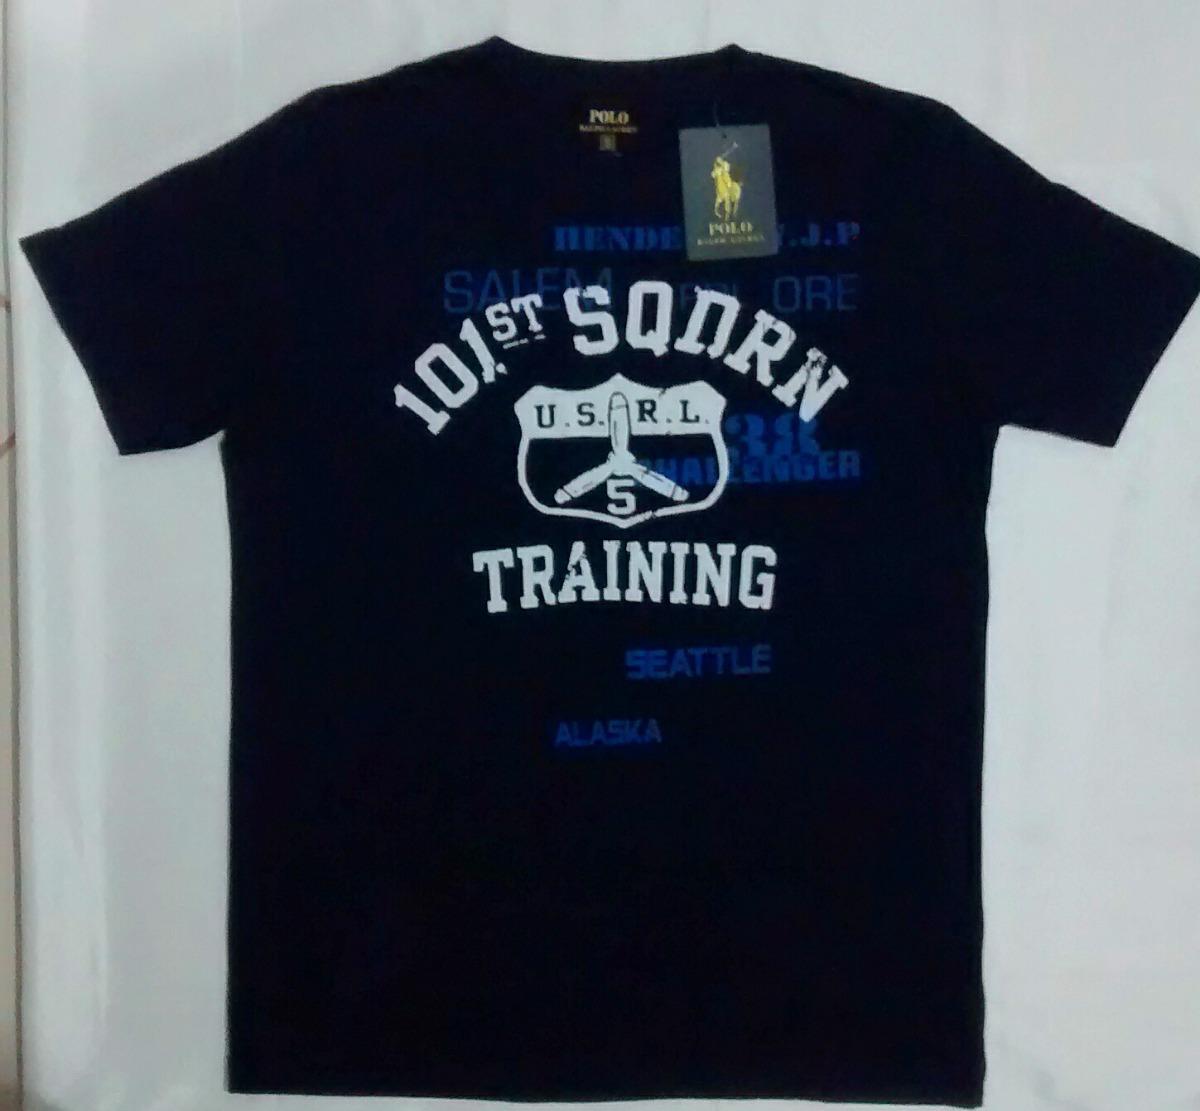 8c39158bc4984 camiseta polo ralph lauren masculina - estampa - original. Carregando zoom.